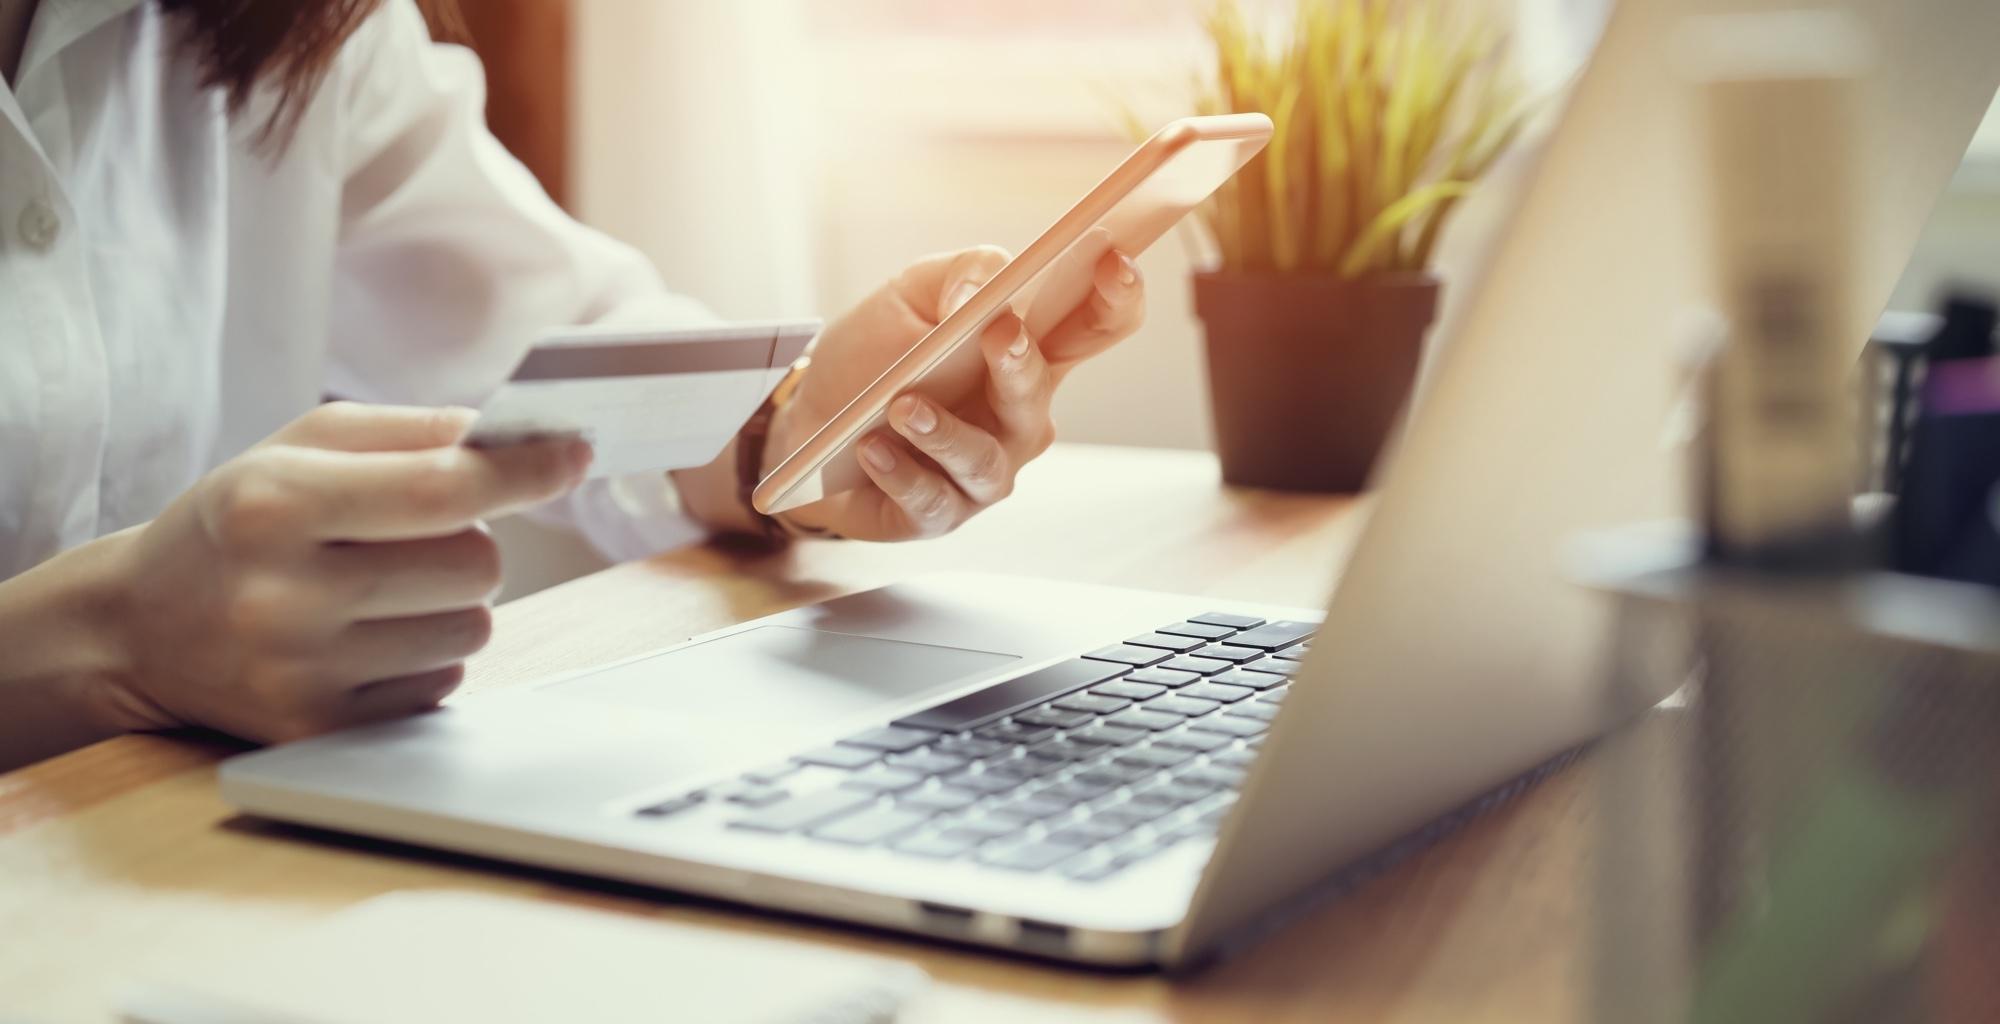 ¿Cómo elegir pasarela de pago? Las 10 mejores pasarelas de pago ecommerce